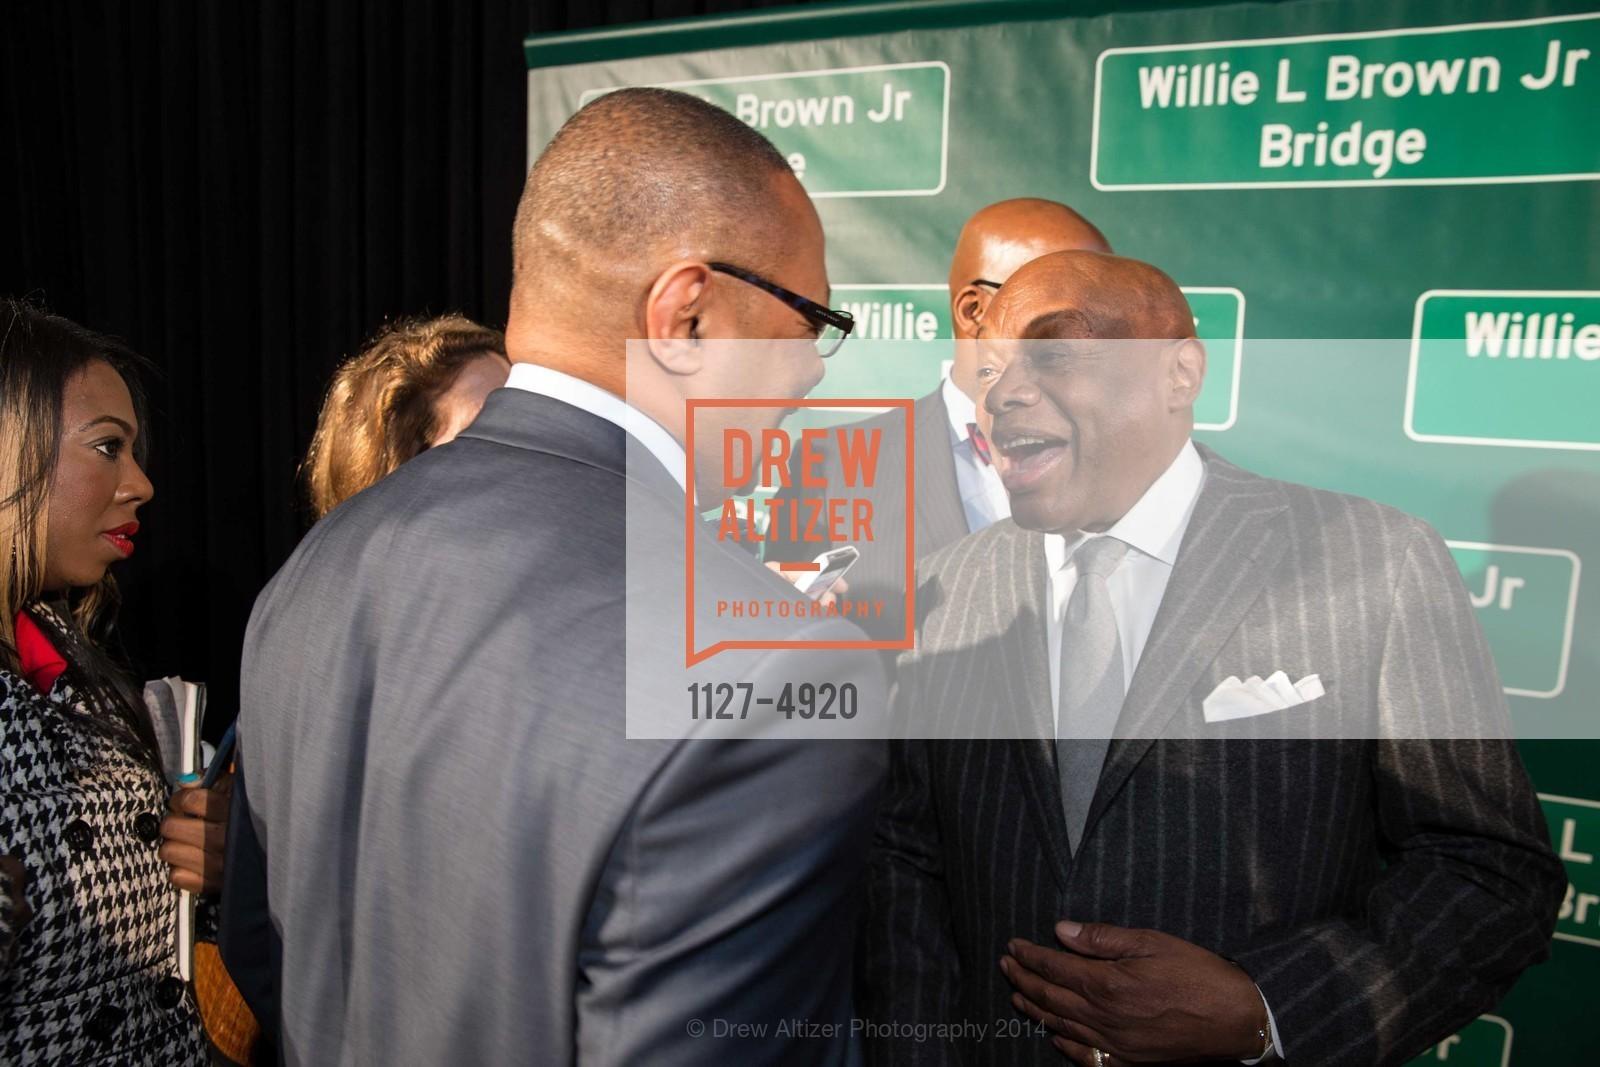 Willie Brown, Photo #1127-4920